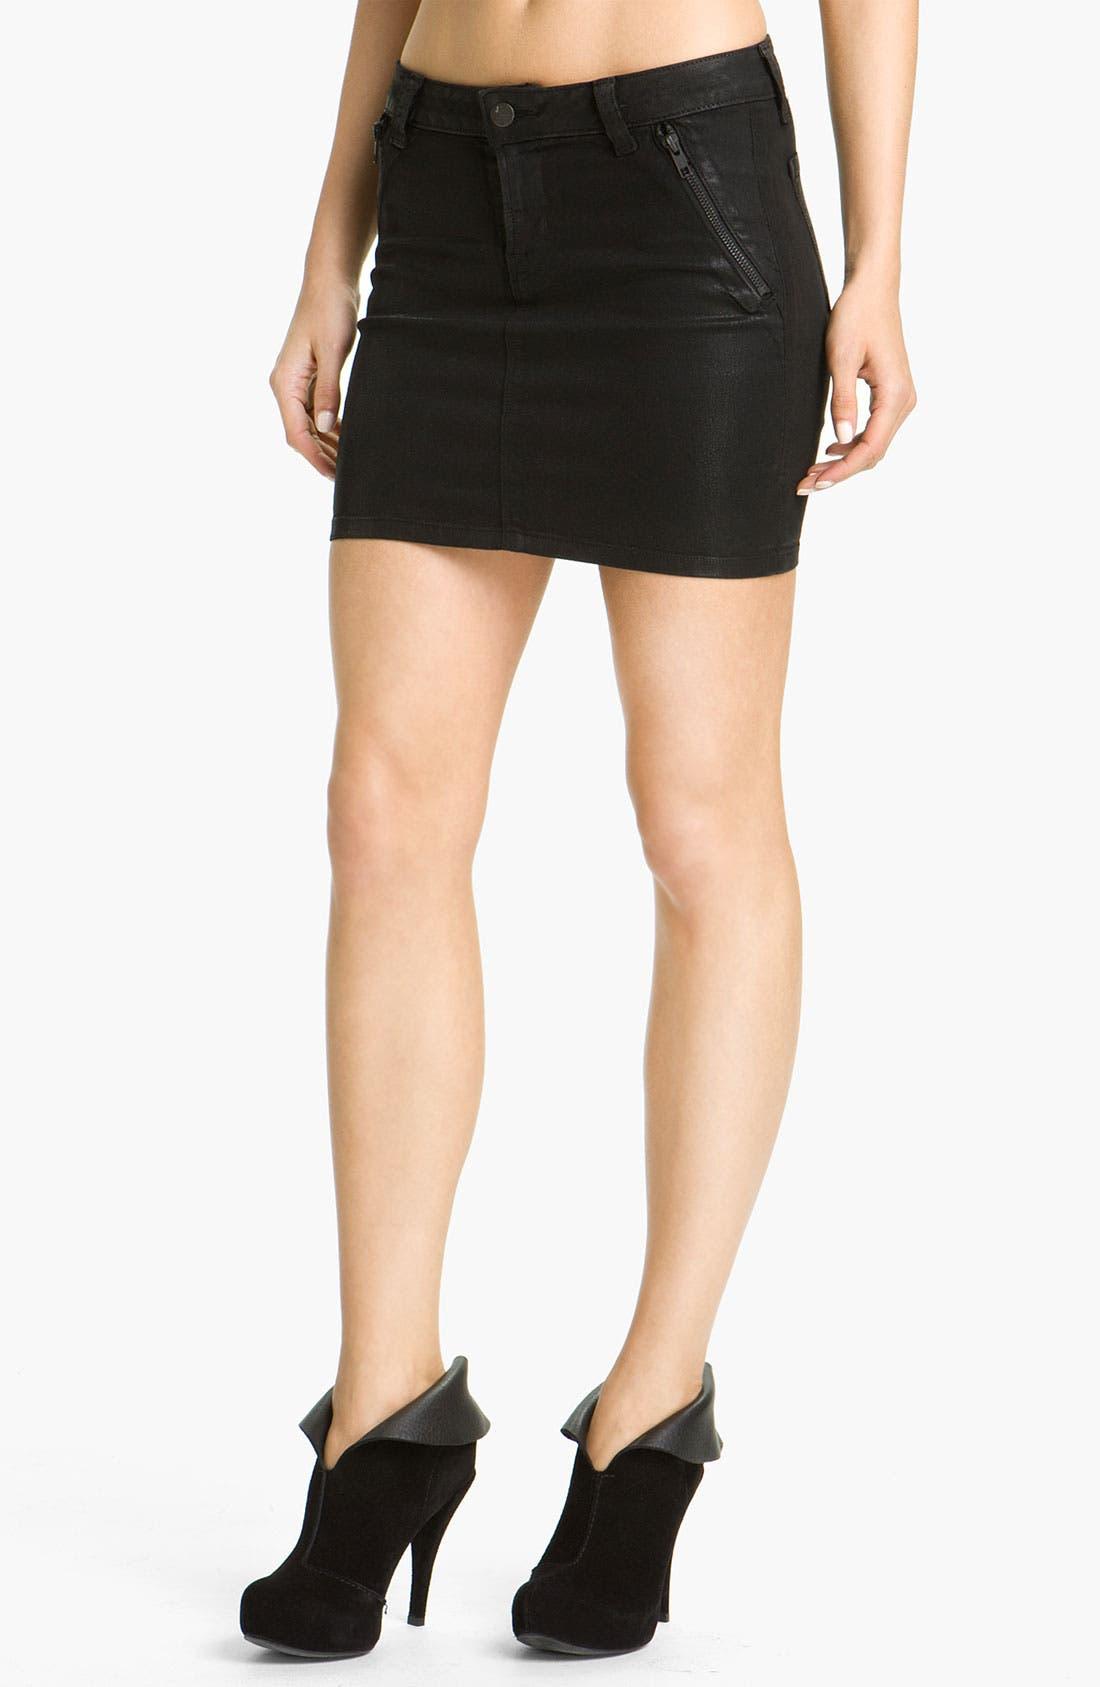 Alternate Image 1 Selected - J Brand 'Nikko' Coated Denim Skirt